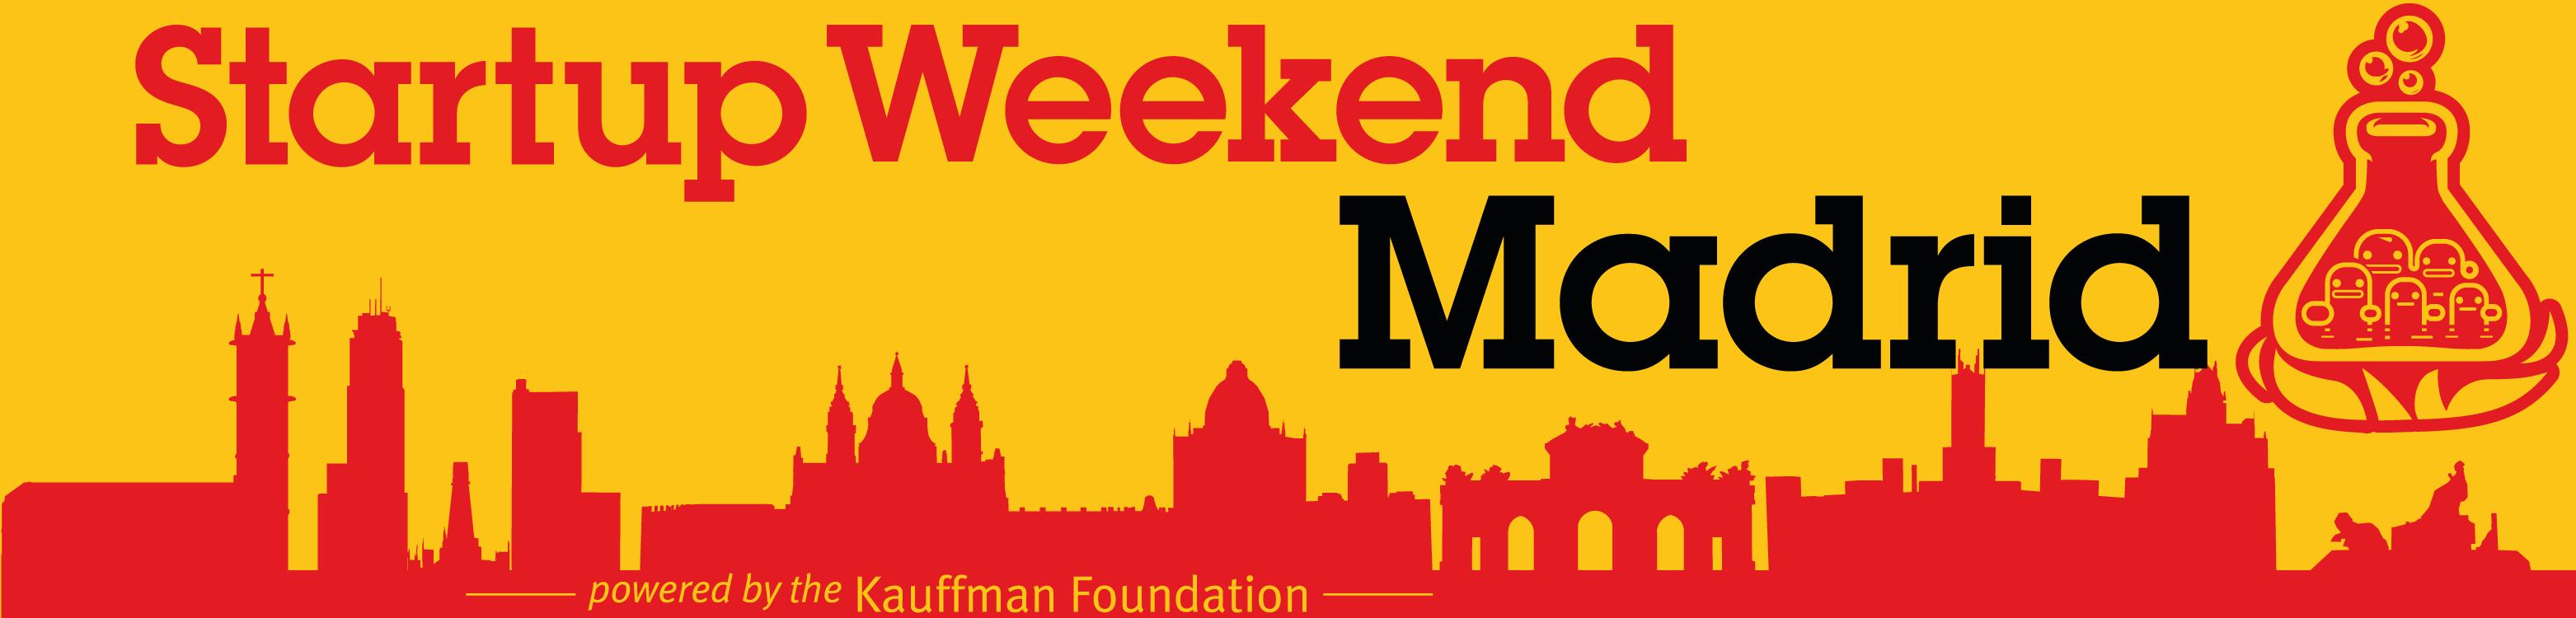 startup_weekend_madrid